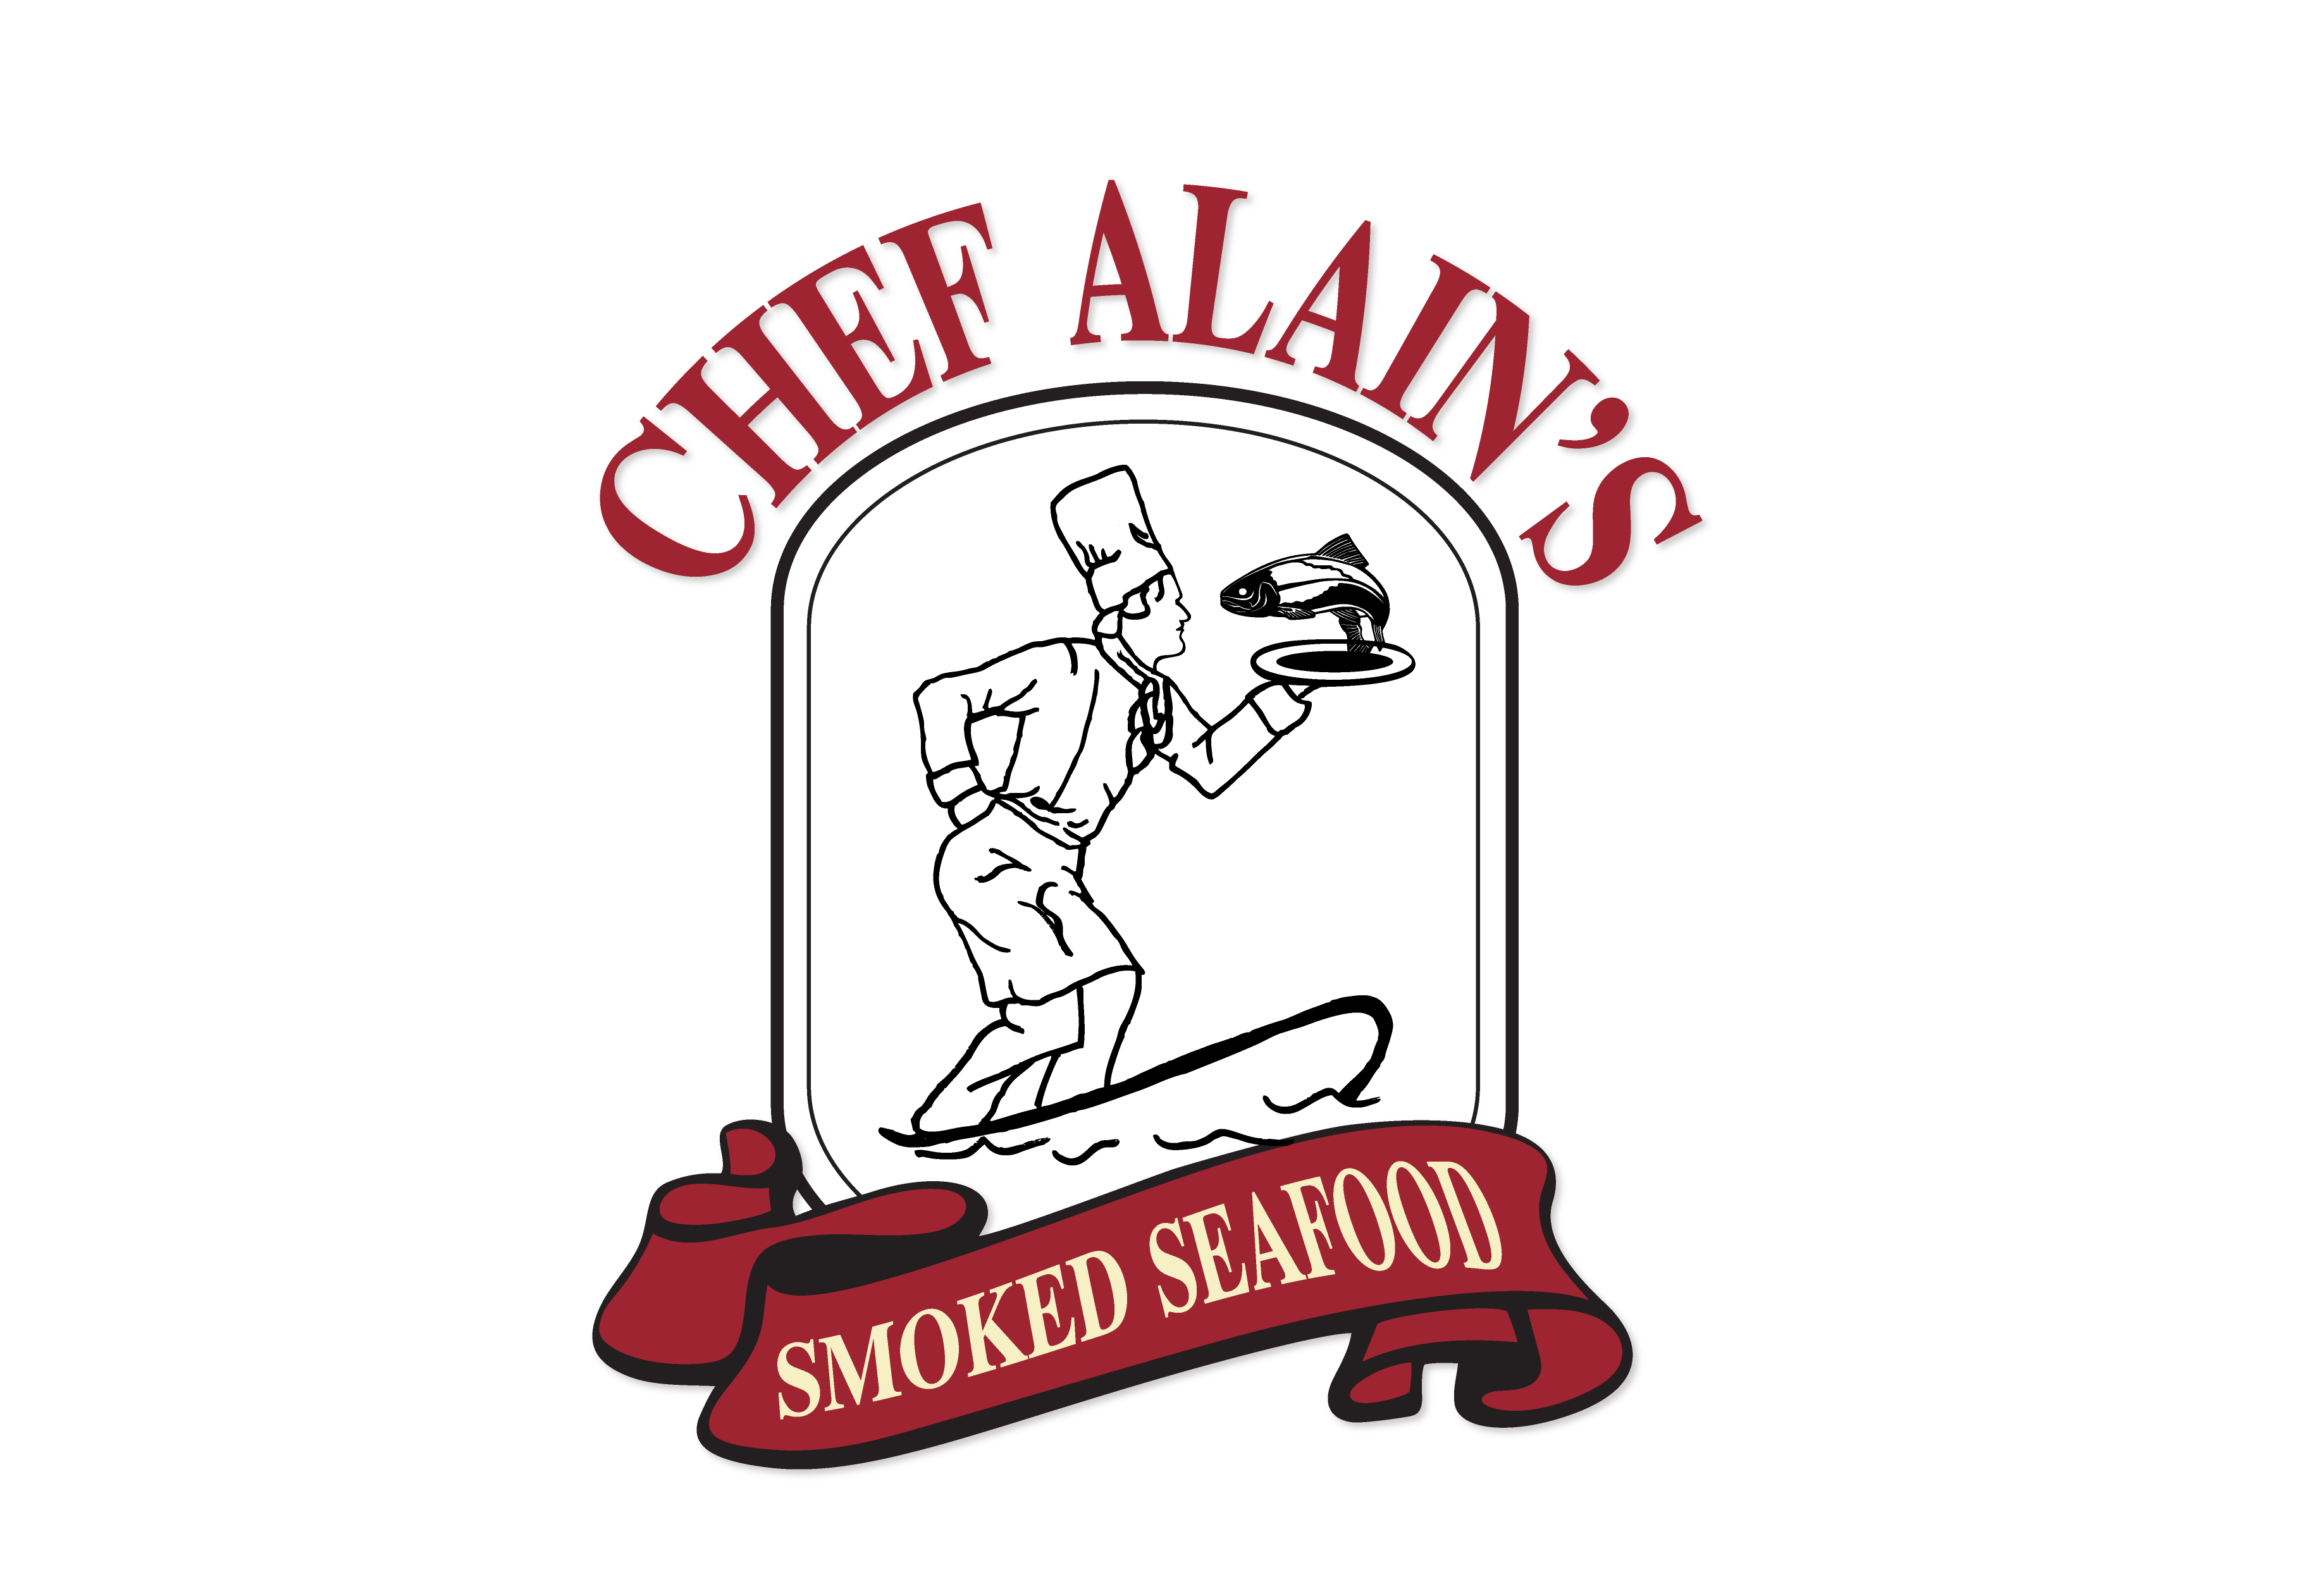 Chef Alain's Smoked Seafood